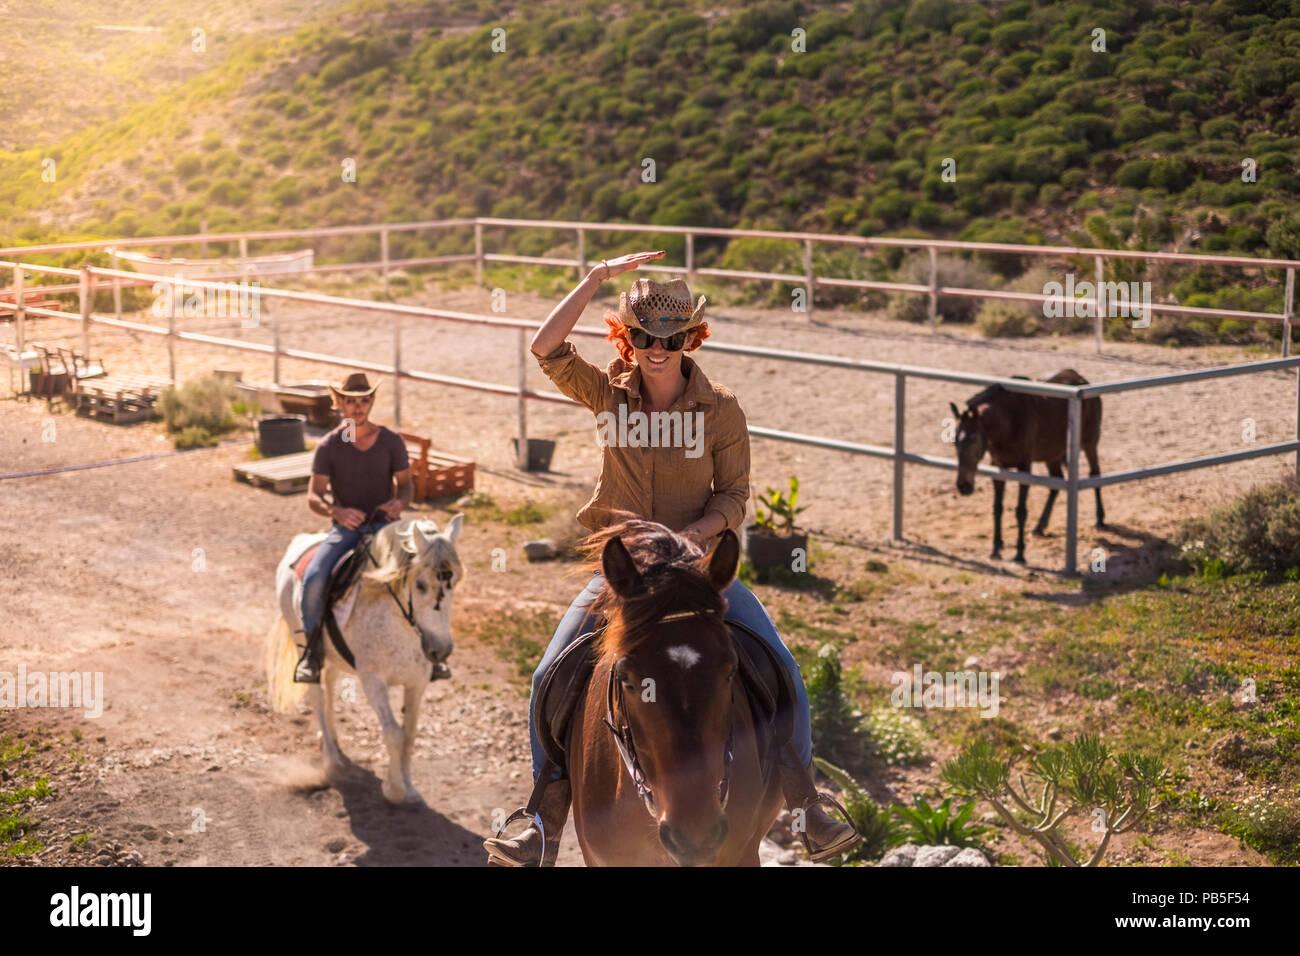 Couple de rider l'homme et la femme avec Brown et chevaux blancs rendez-vous et profitez de la piscine en plein air activité de loisirs dans les montagnes voyage excursion cowbo moderne. Photo Stock